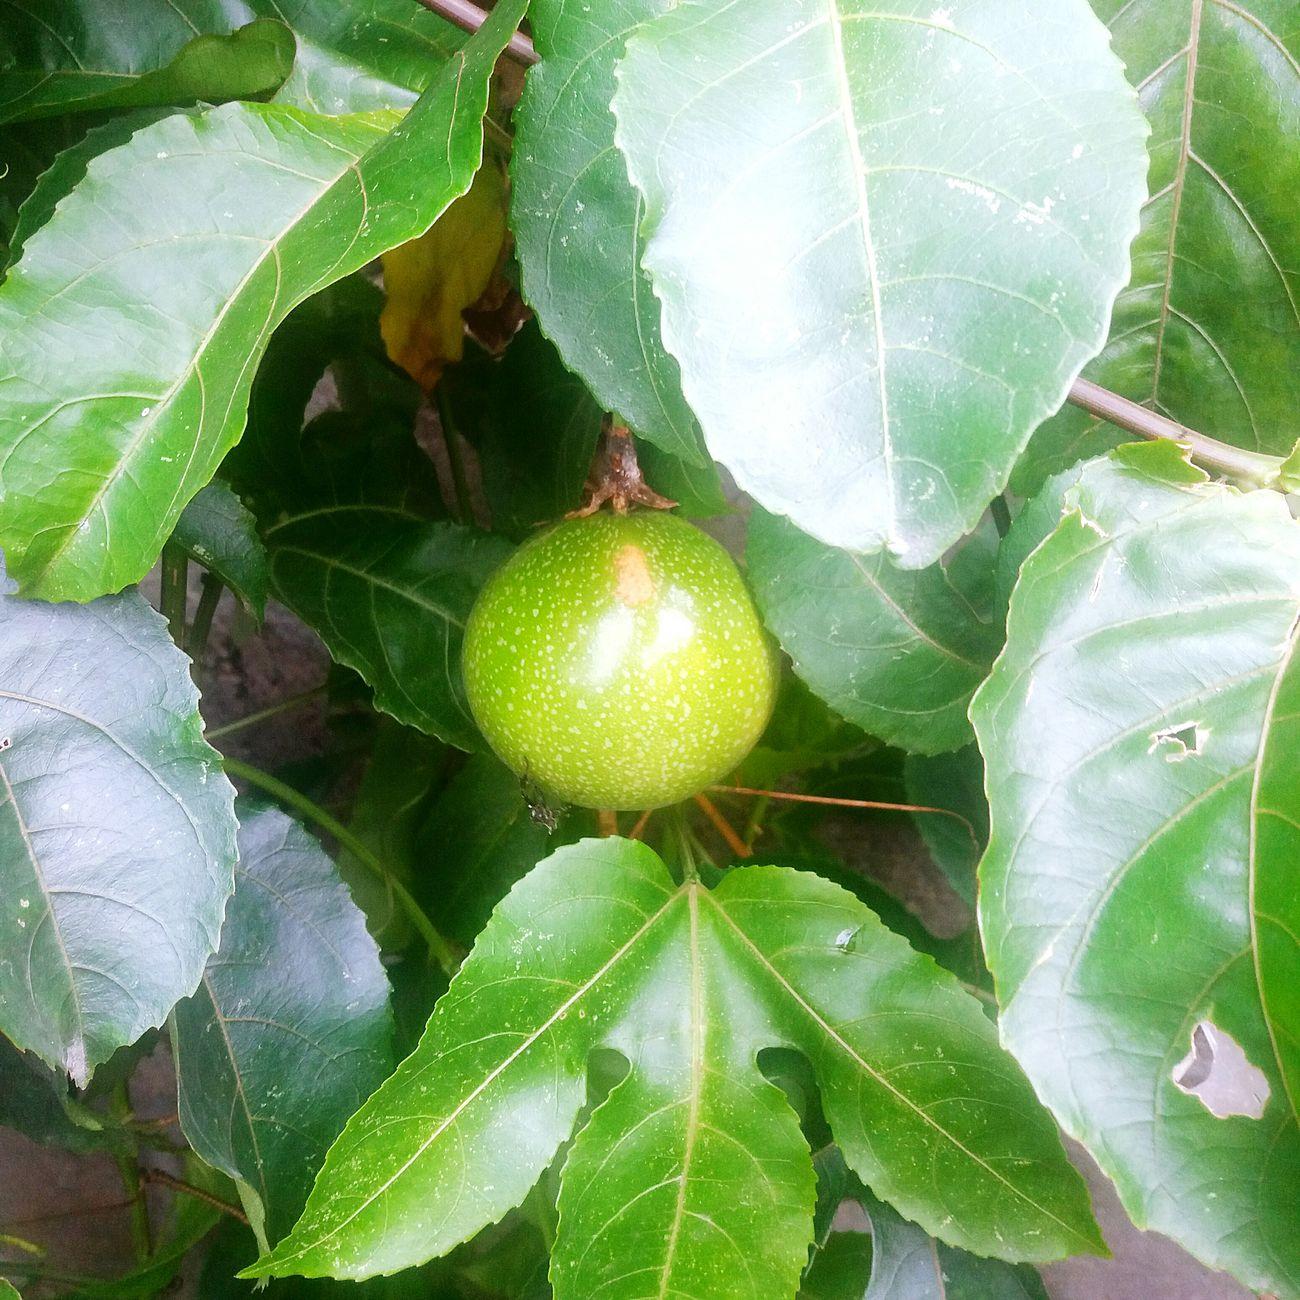 Maracujá Maracuya Juice Fruit Green Color Freshness Growth Healthy Eating